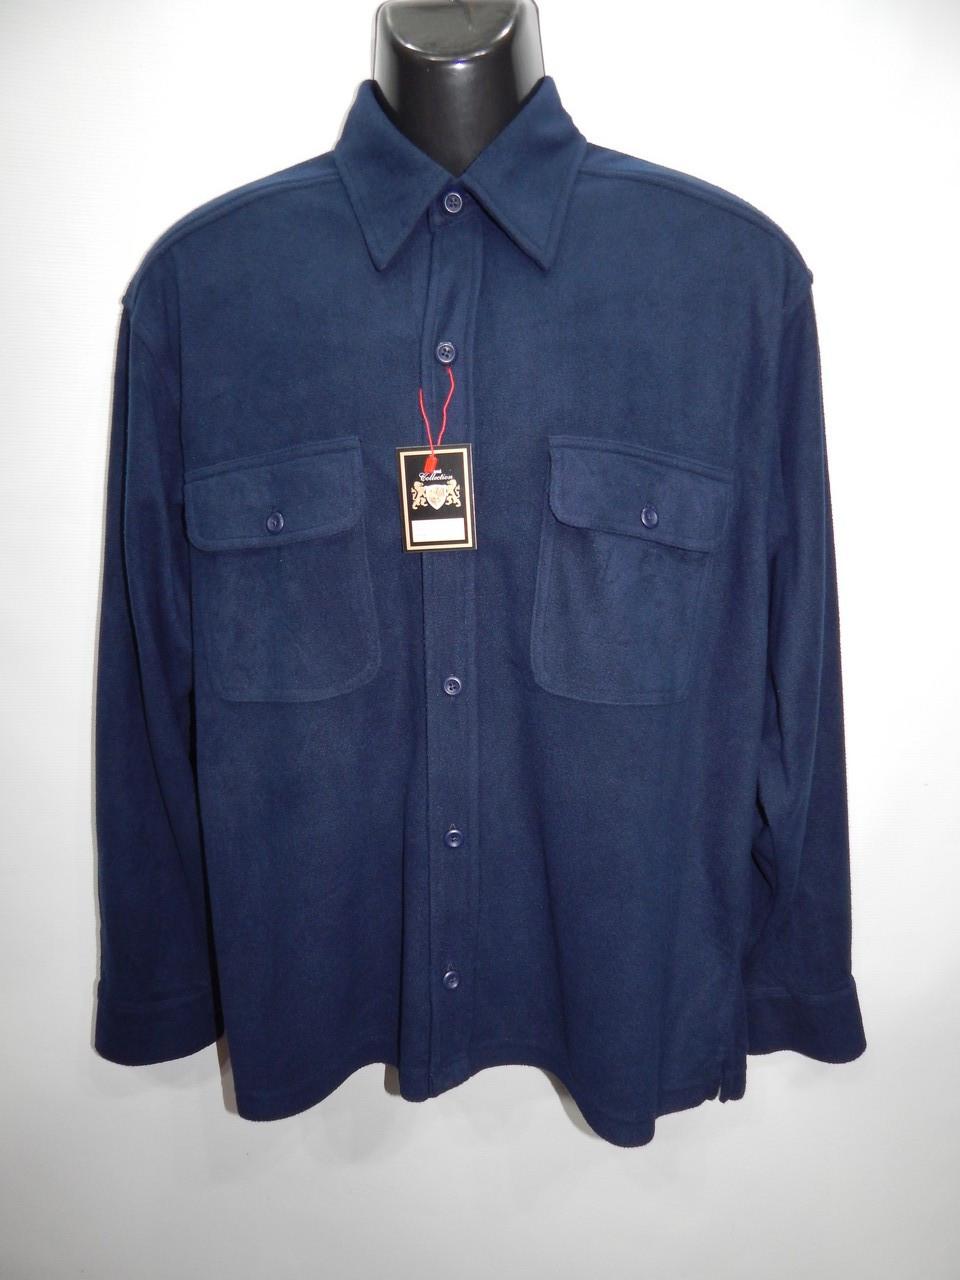 Мужская теплая флисовая рубашка Great Nothwest оригинал р.48-50 061RT